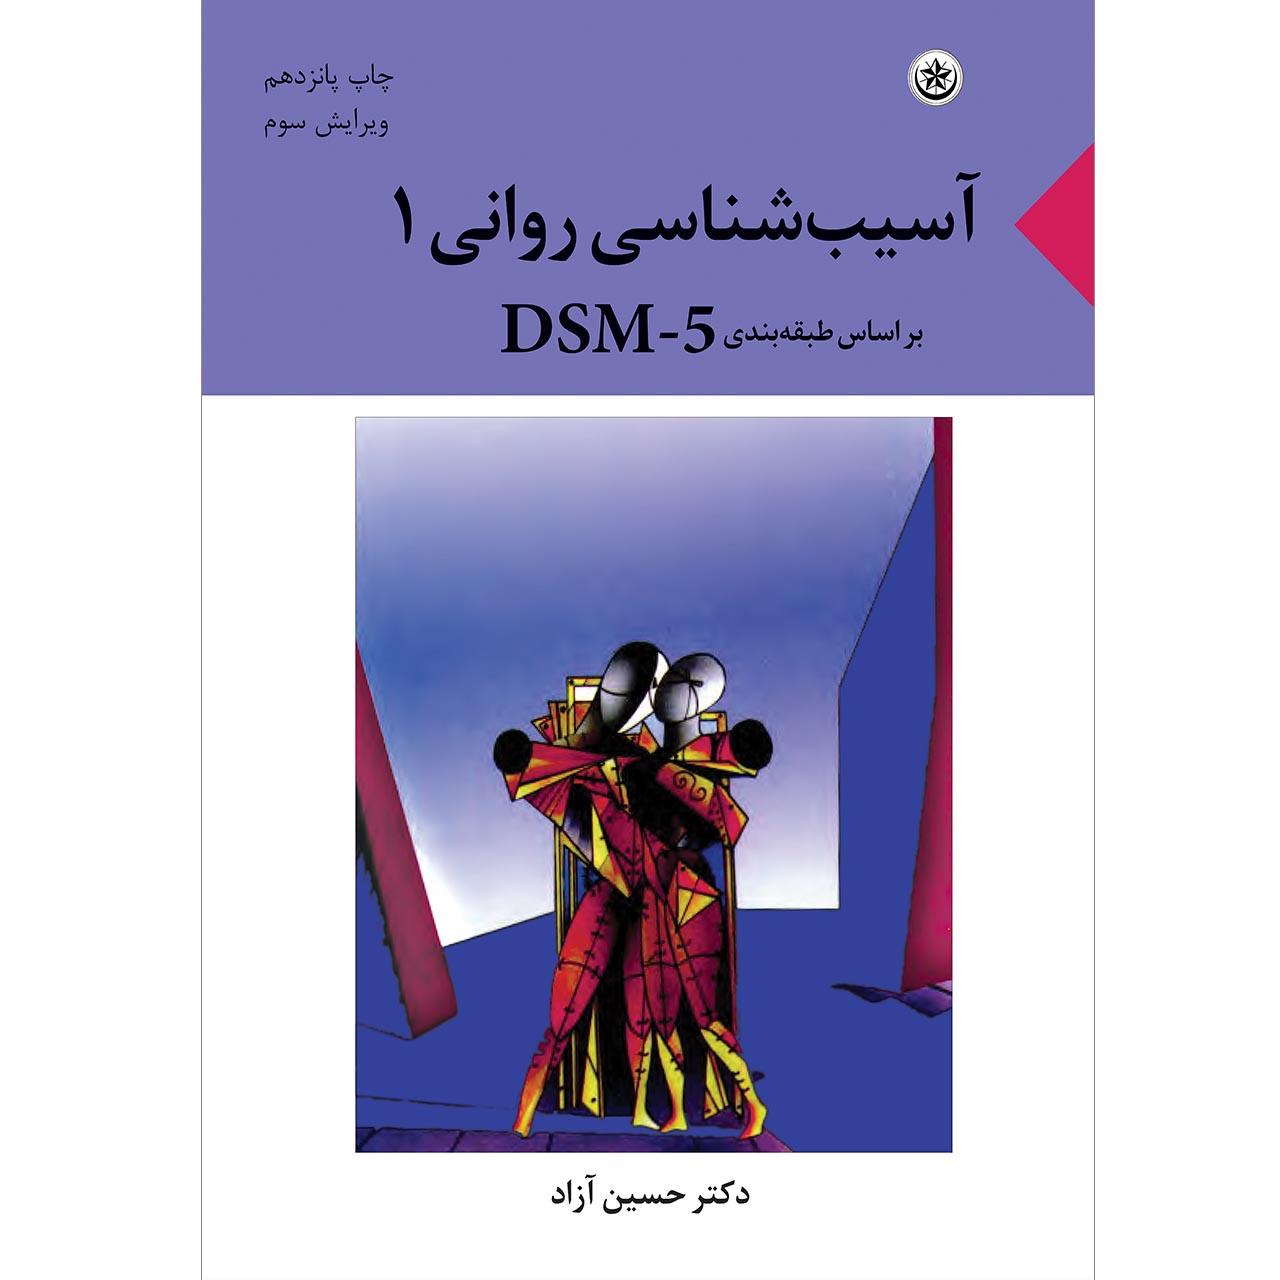 کتاب آسیب شناسی روانی بر اساس طبقه بندی DSM-5  اثر حسین آزاد موسسه انتشارات بعثت جلد اول